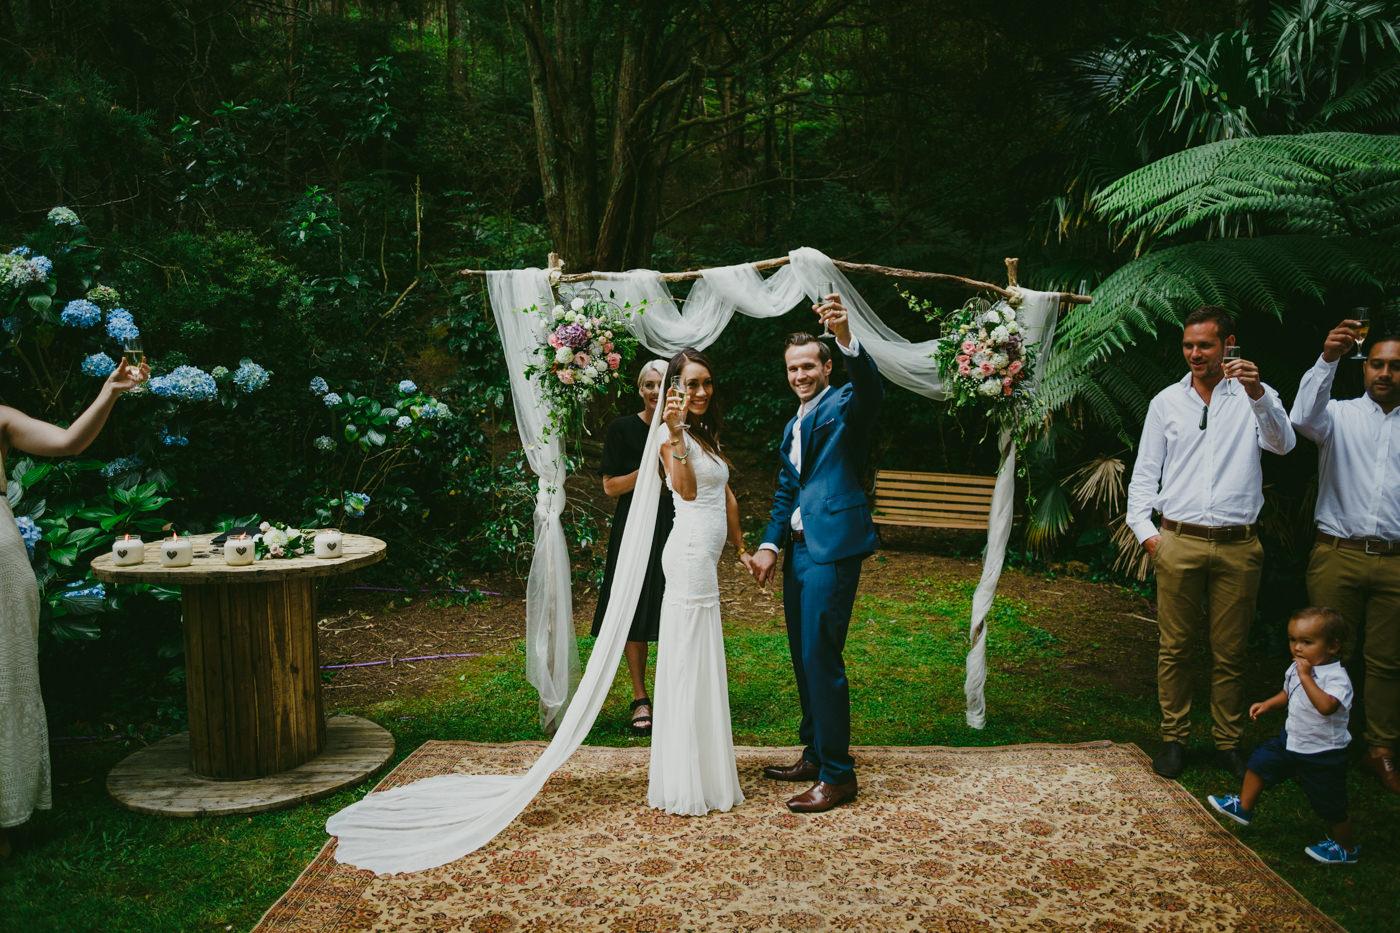 045z_auckland_leigh_wedding_photos.jpg